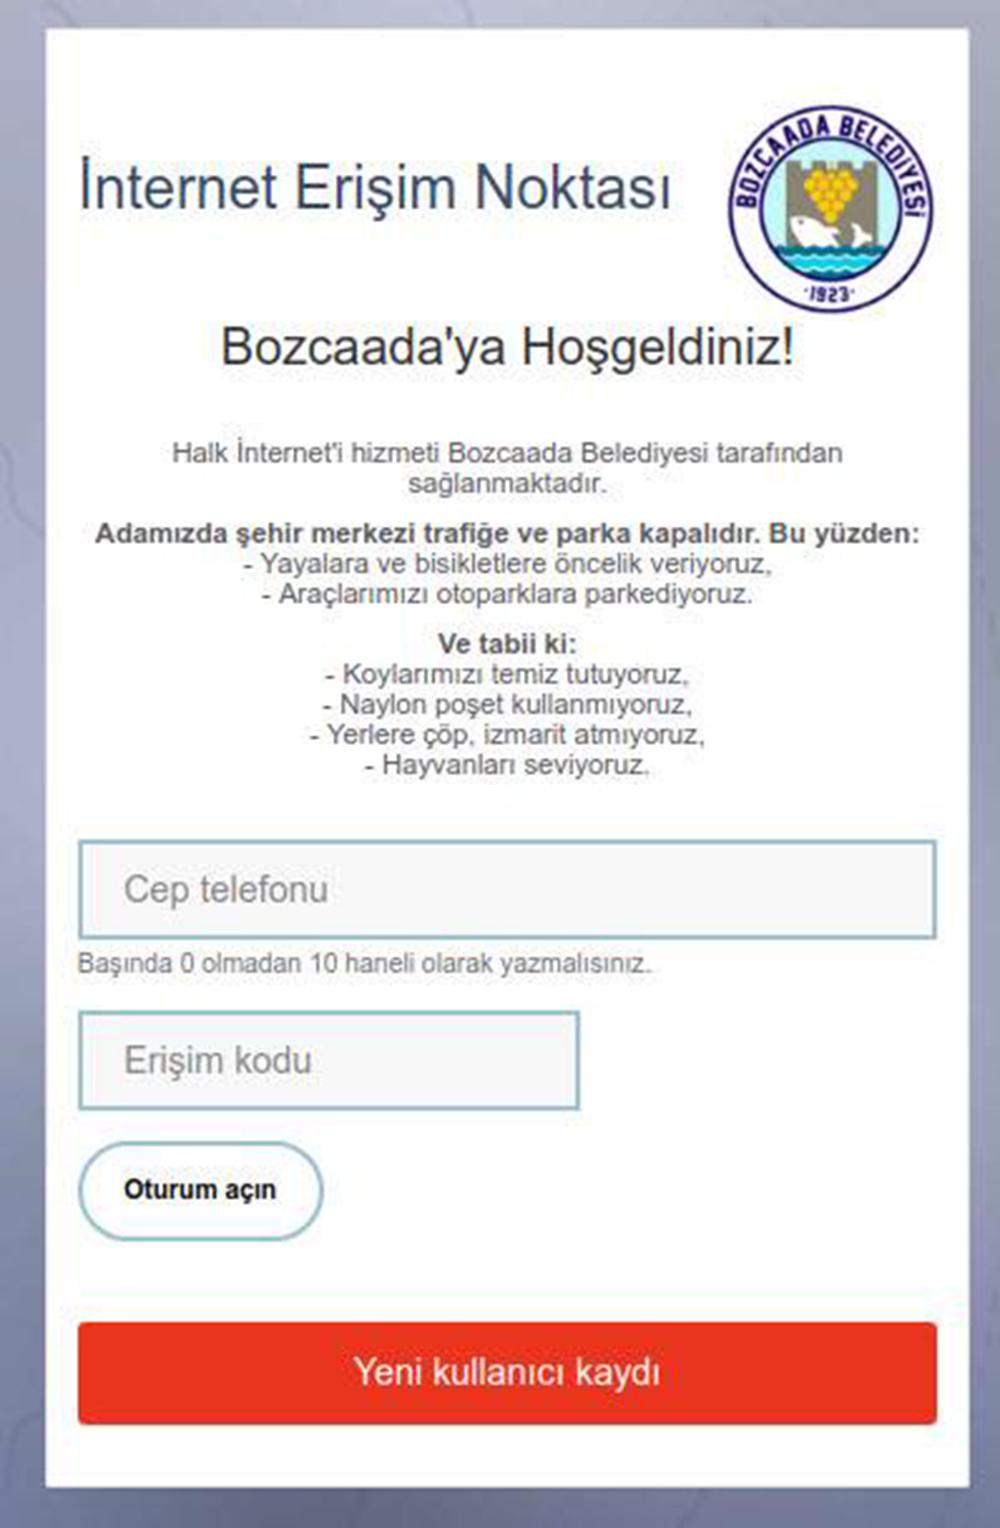 Sayfanıza VKontakte erişimini nasıl kısıtlayacağınıza ilişkin soruya verilen yanıtlar 3